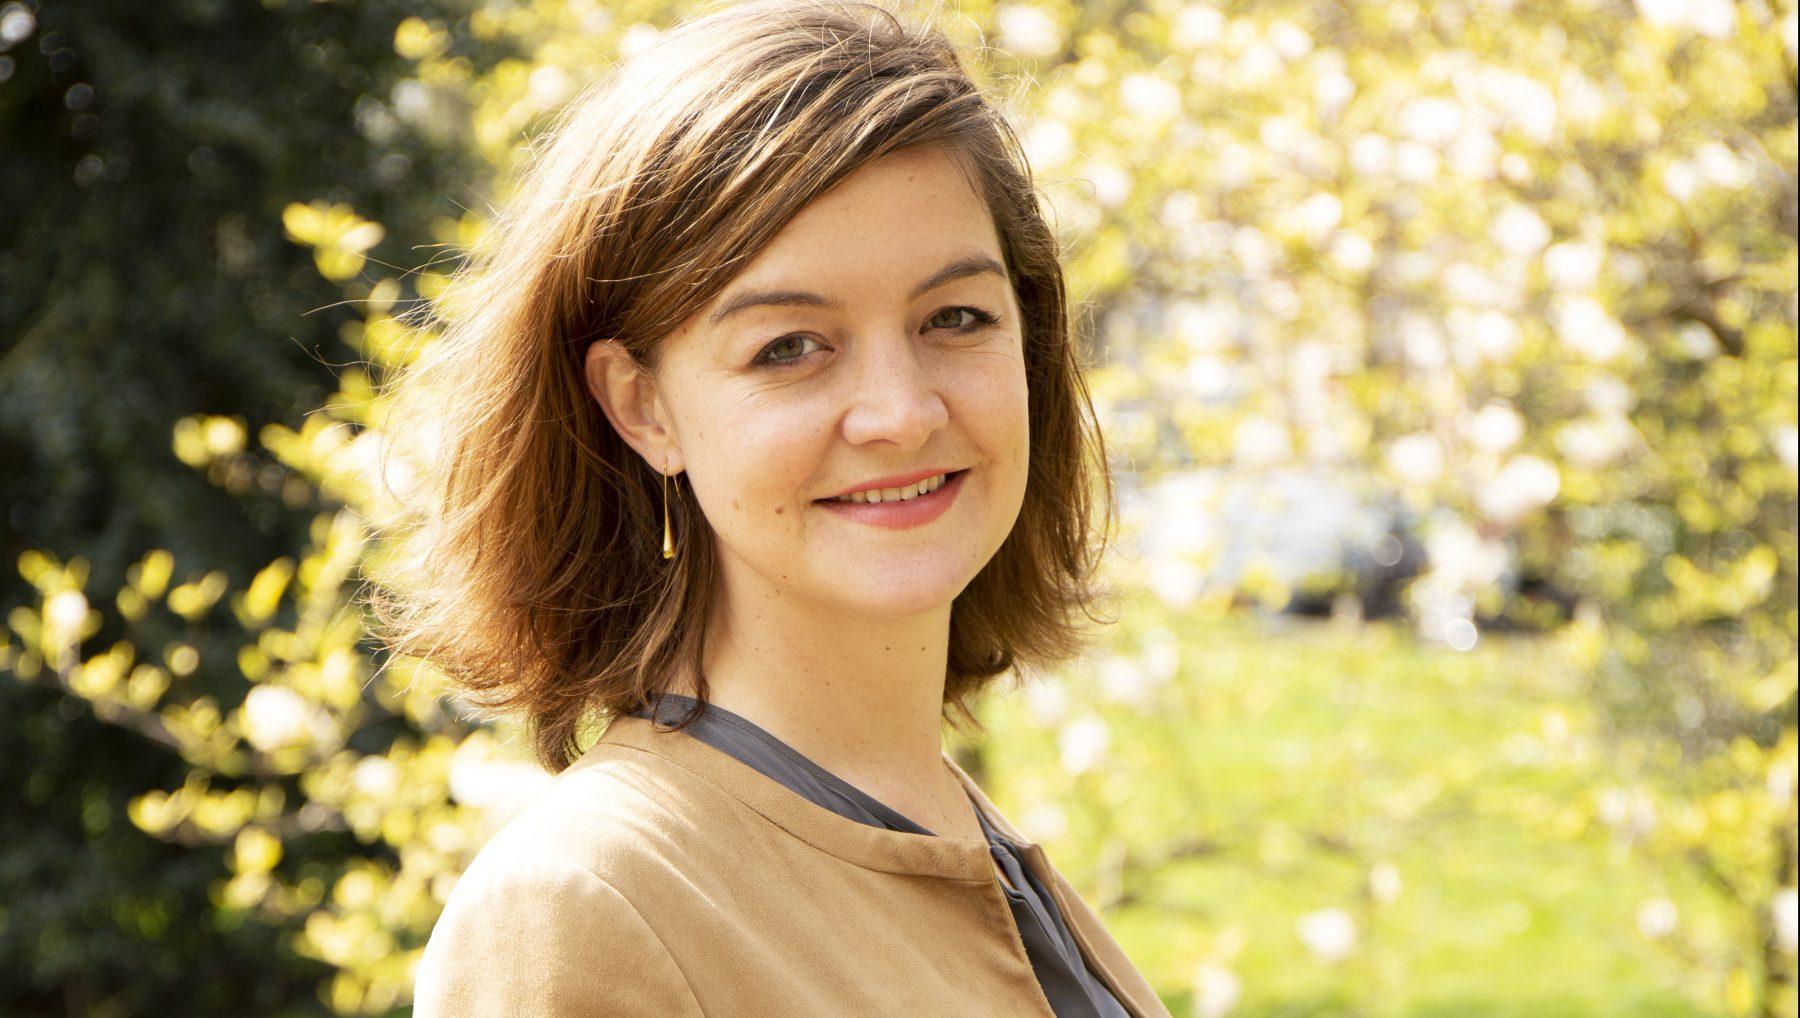 Catharina rinzema voert hoogzwanger campagne, dit vinden jullie